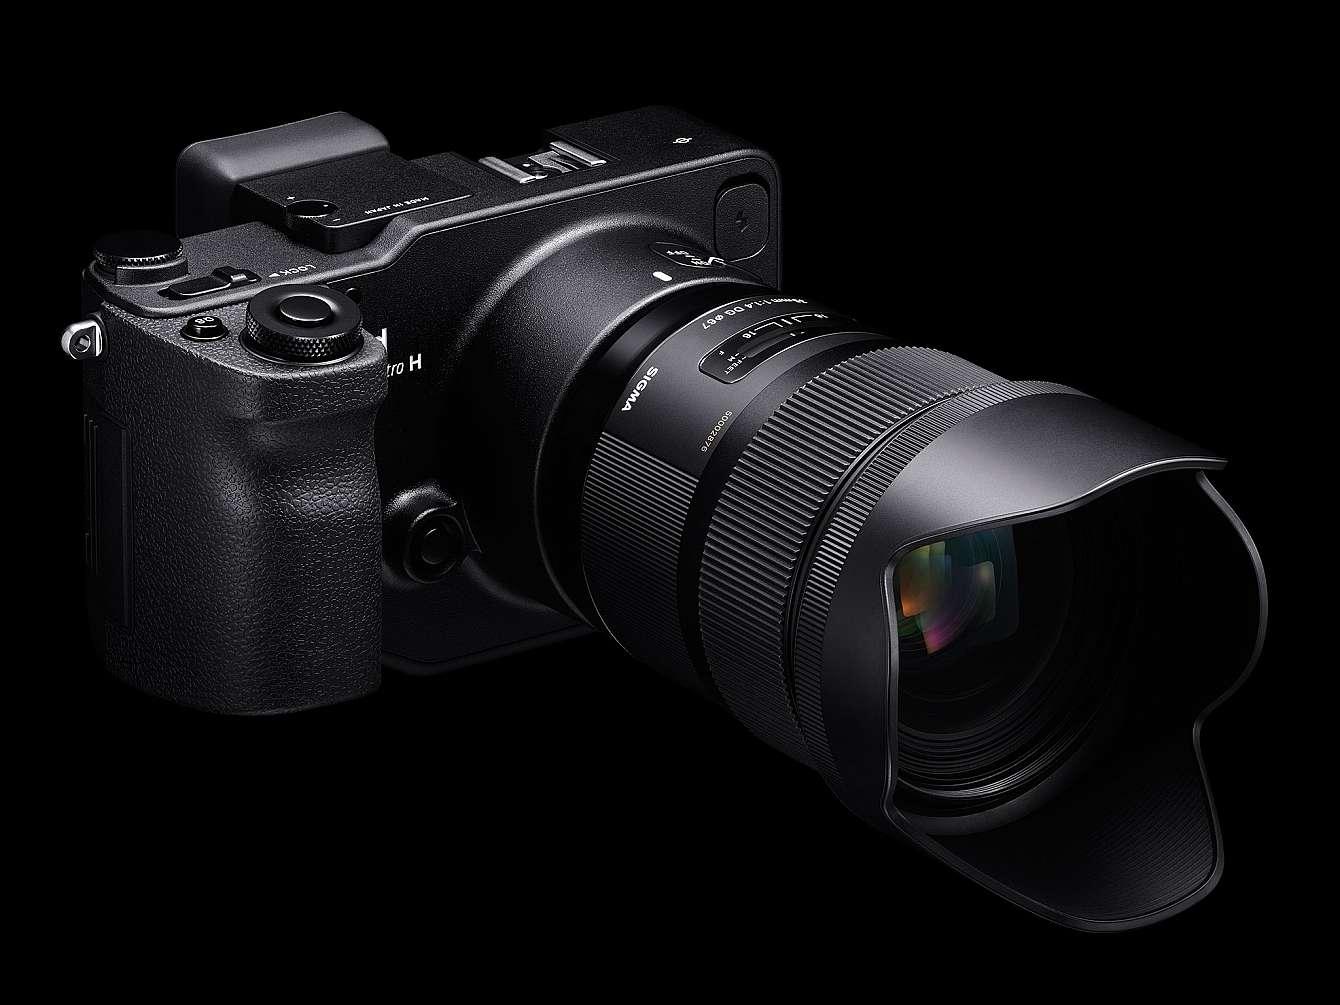 Sigmas nya kamera sd Quattro